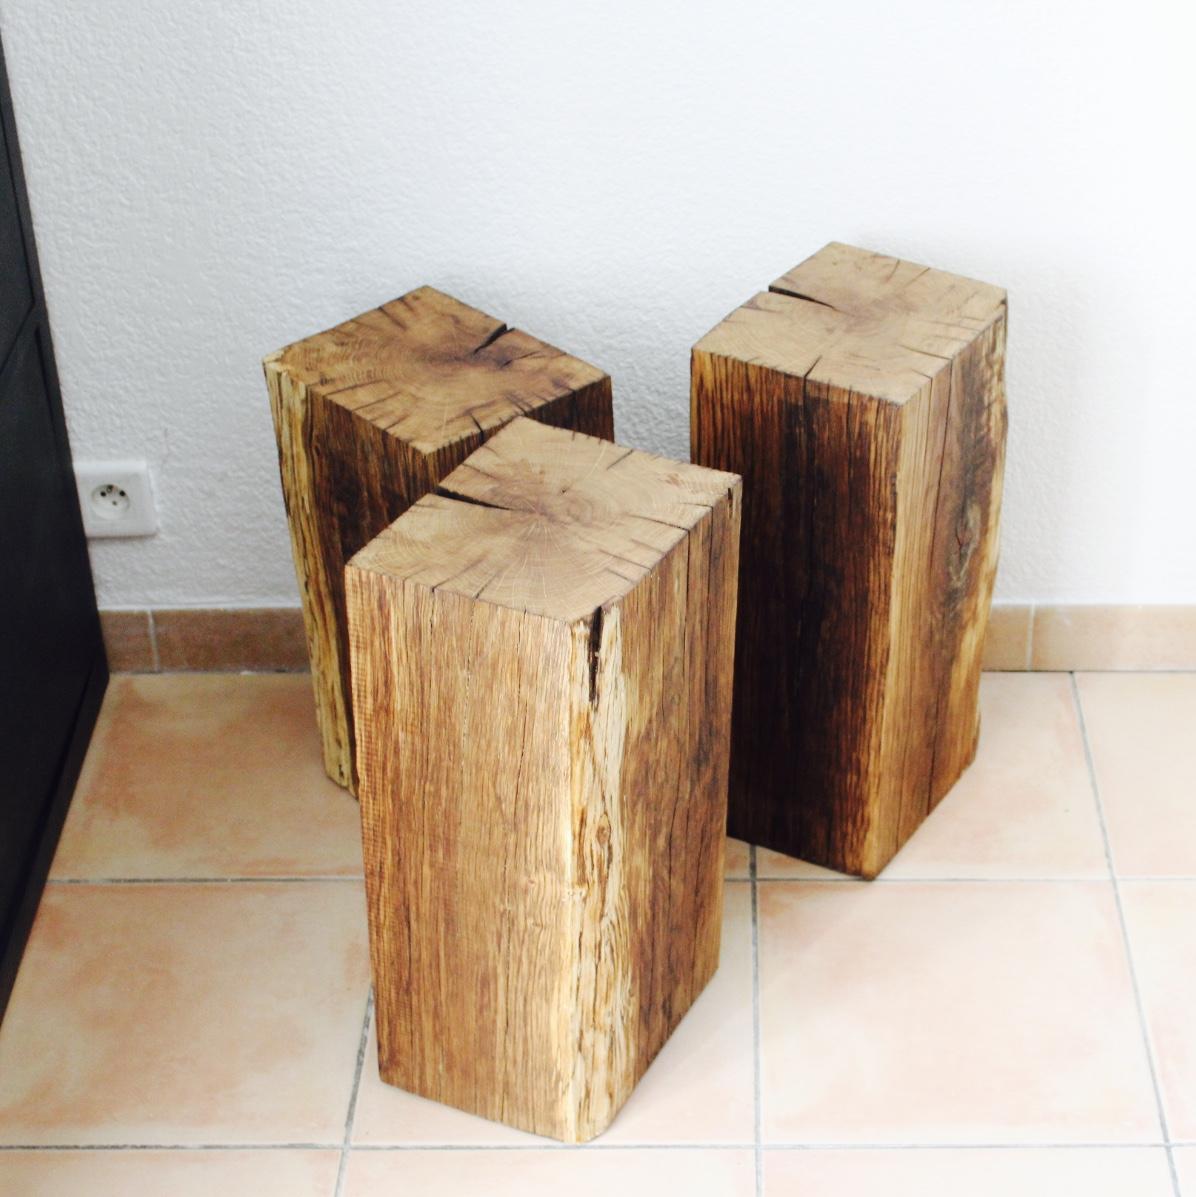 Bout de canapé table de nuit bois massif Arty Décoration